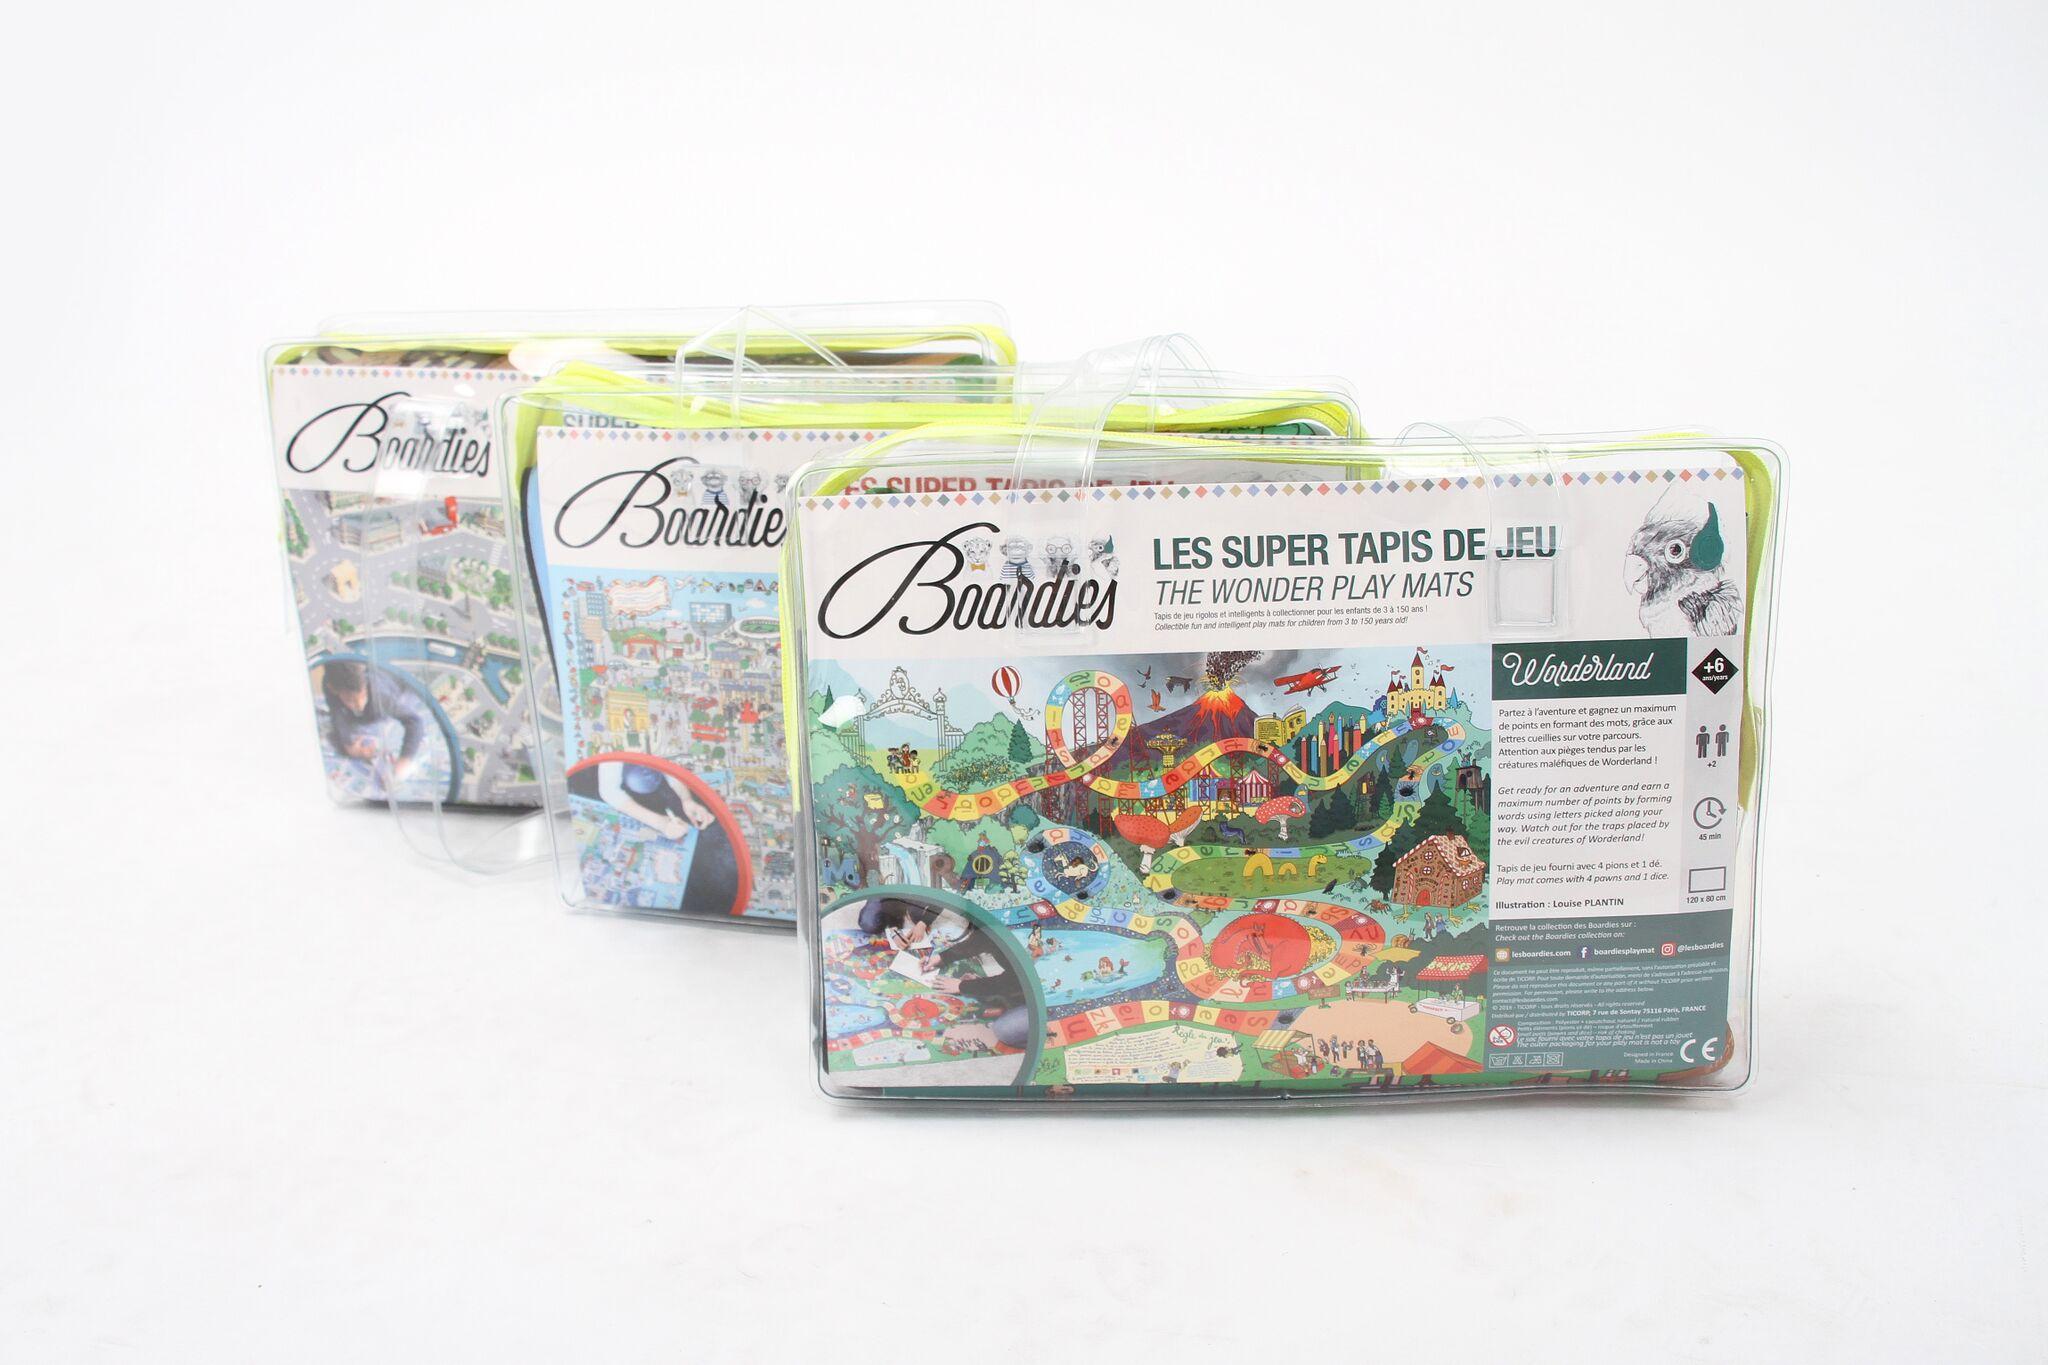 Boardies packaging trio.jpg